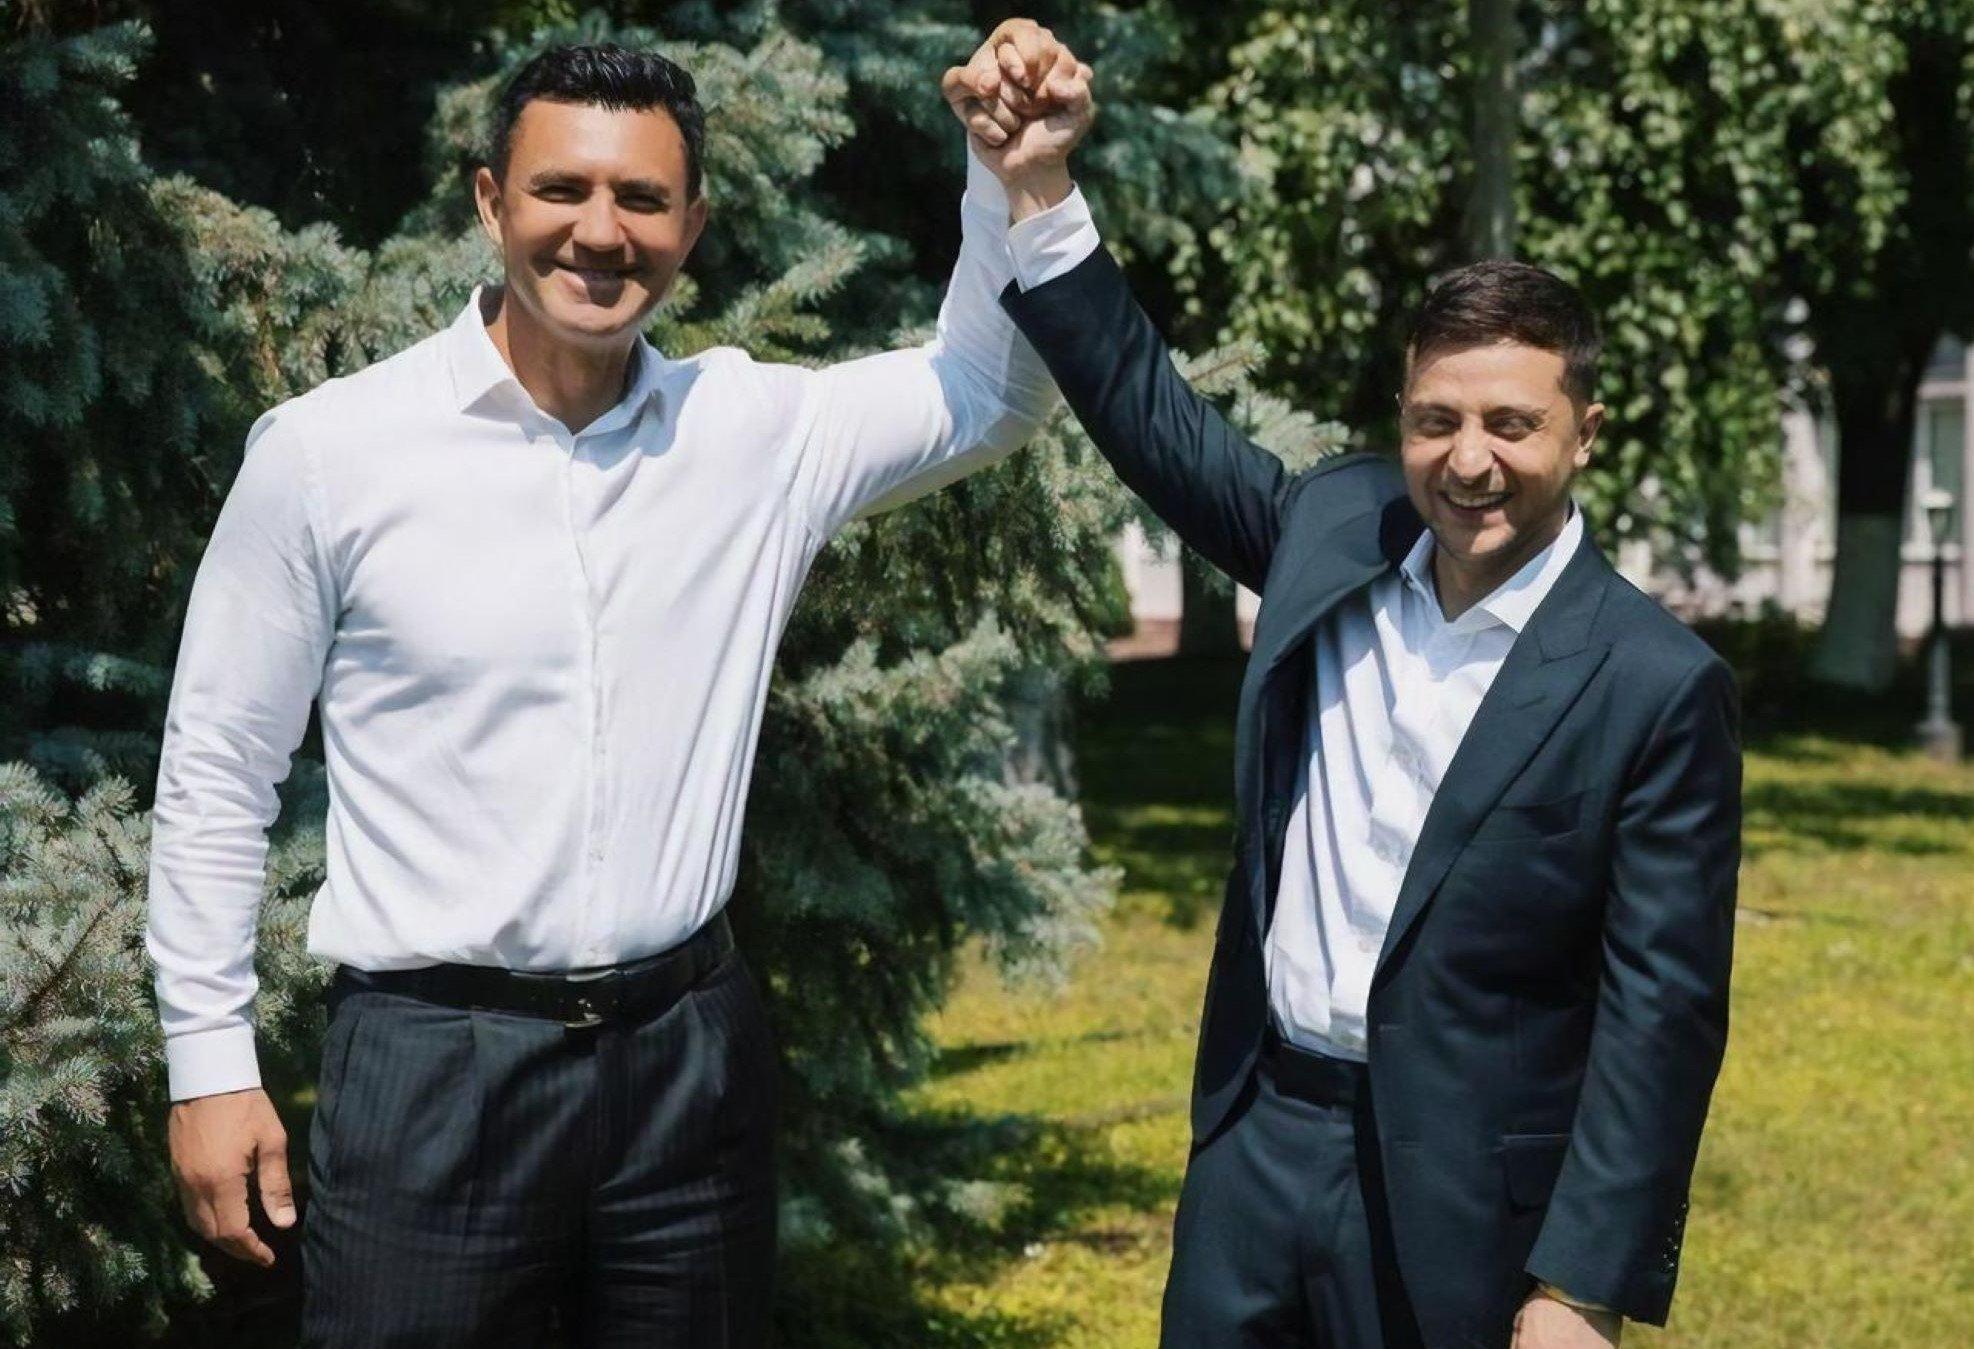 Зеленский прекрасно осведомлен о коррупции Тищенко